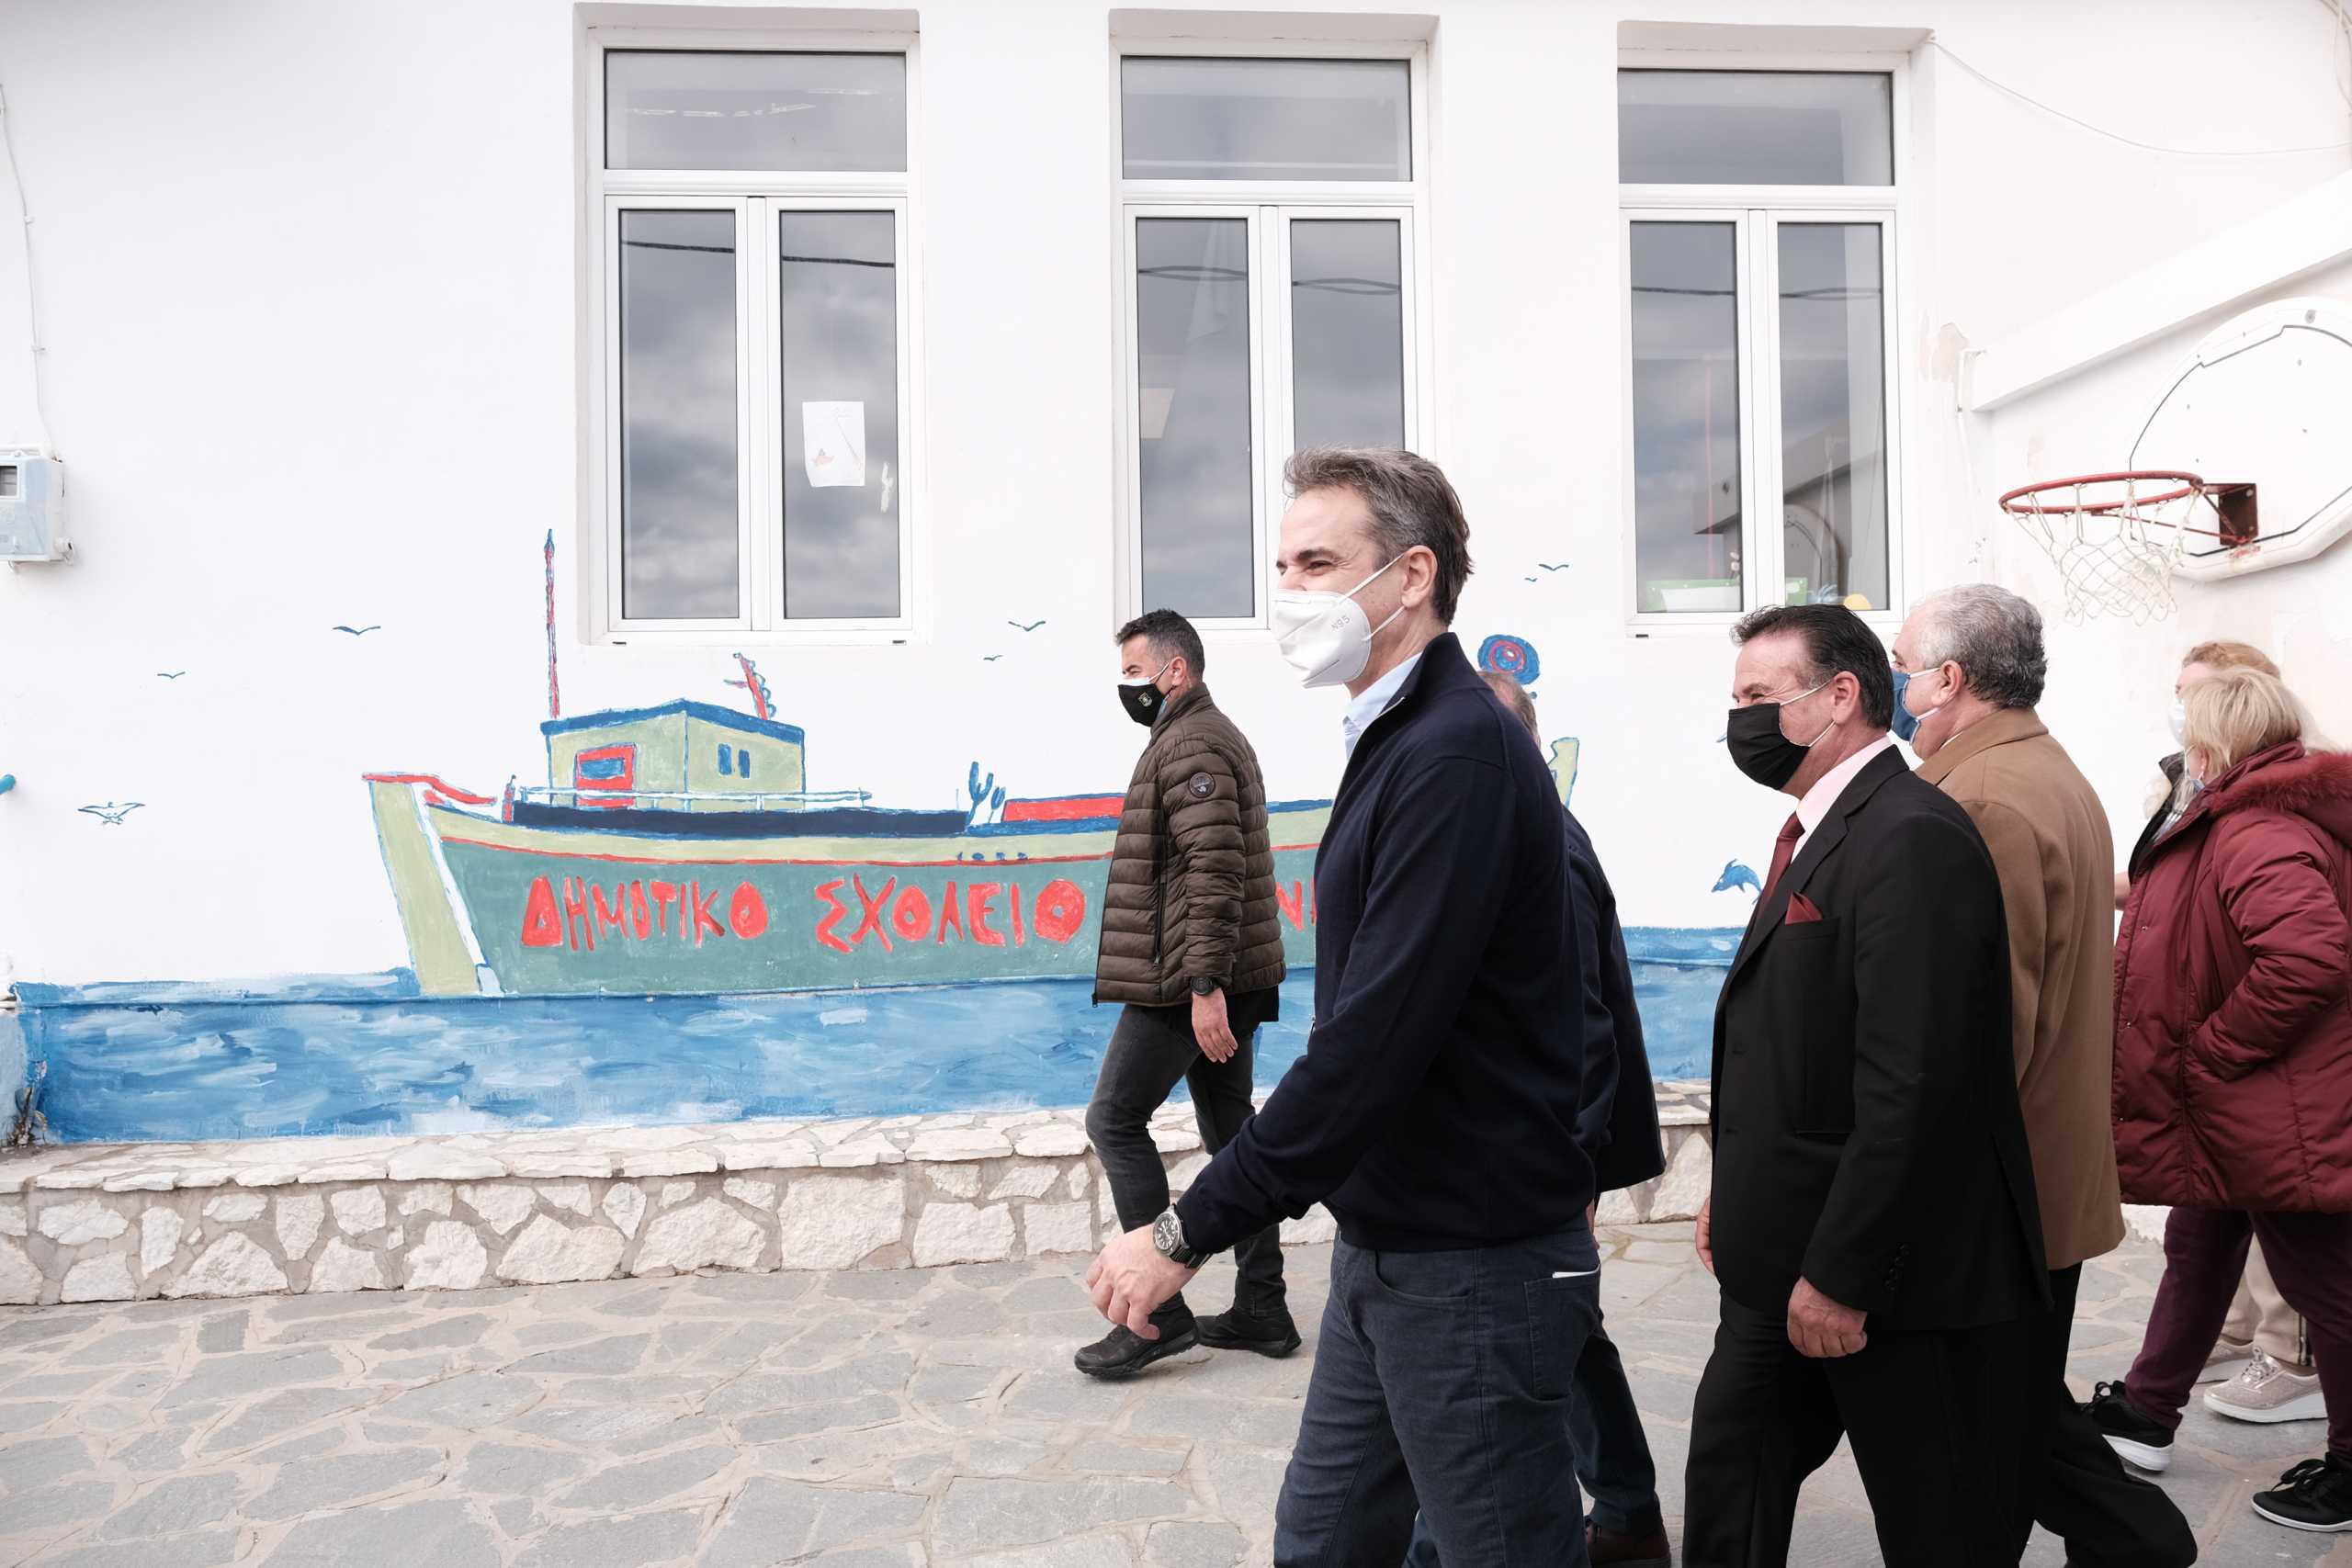 Οργή ΣΥΡΙΖΑ για τον συνωστισμό στην Ικαρία – «Ο νόμος δεν ισχύει για τον κ. Μητσοτάκη»